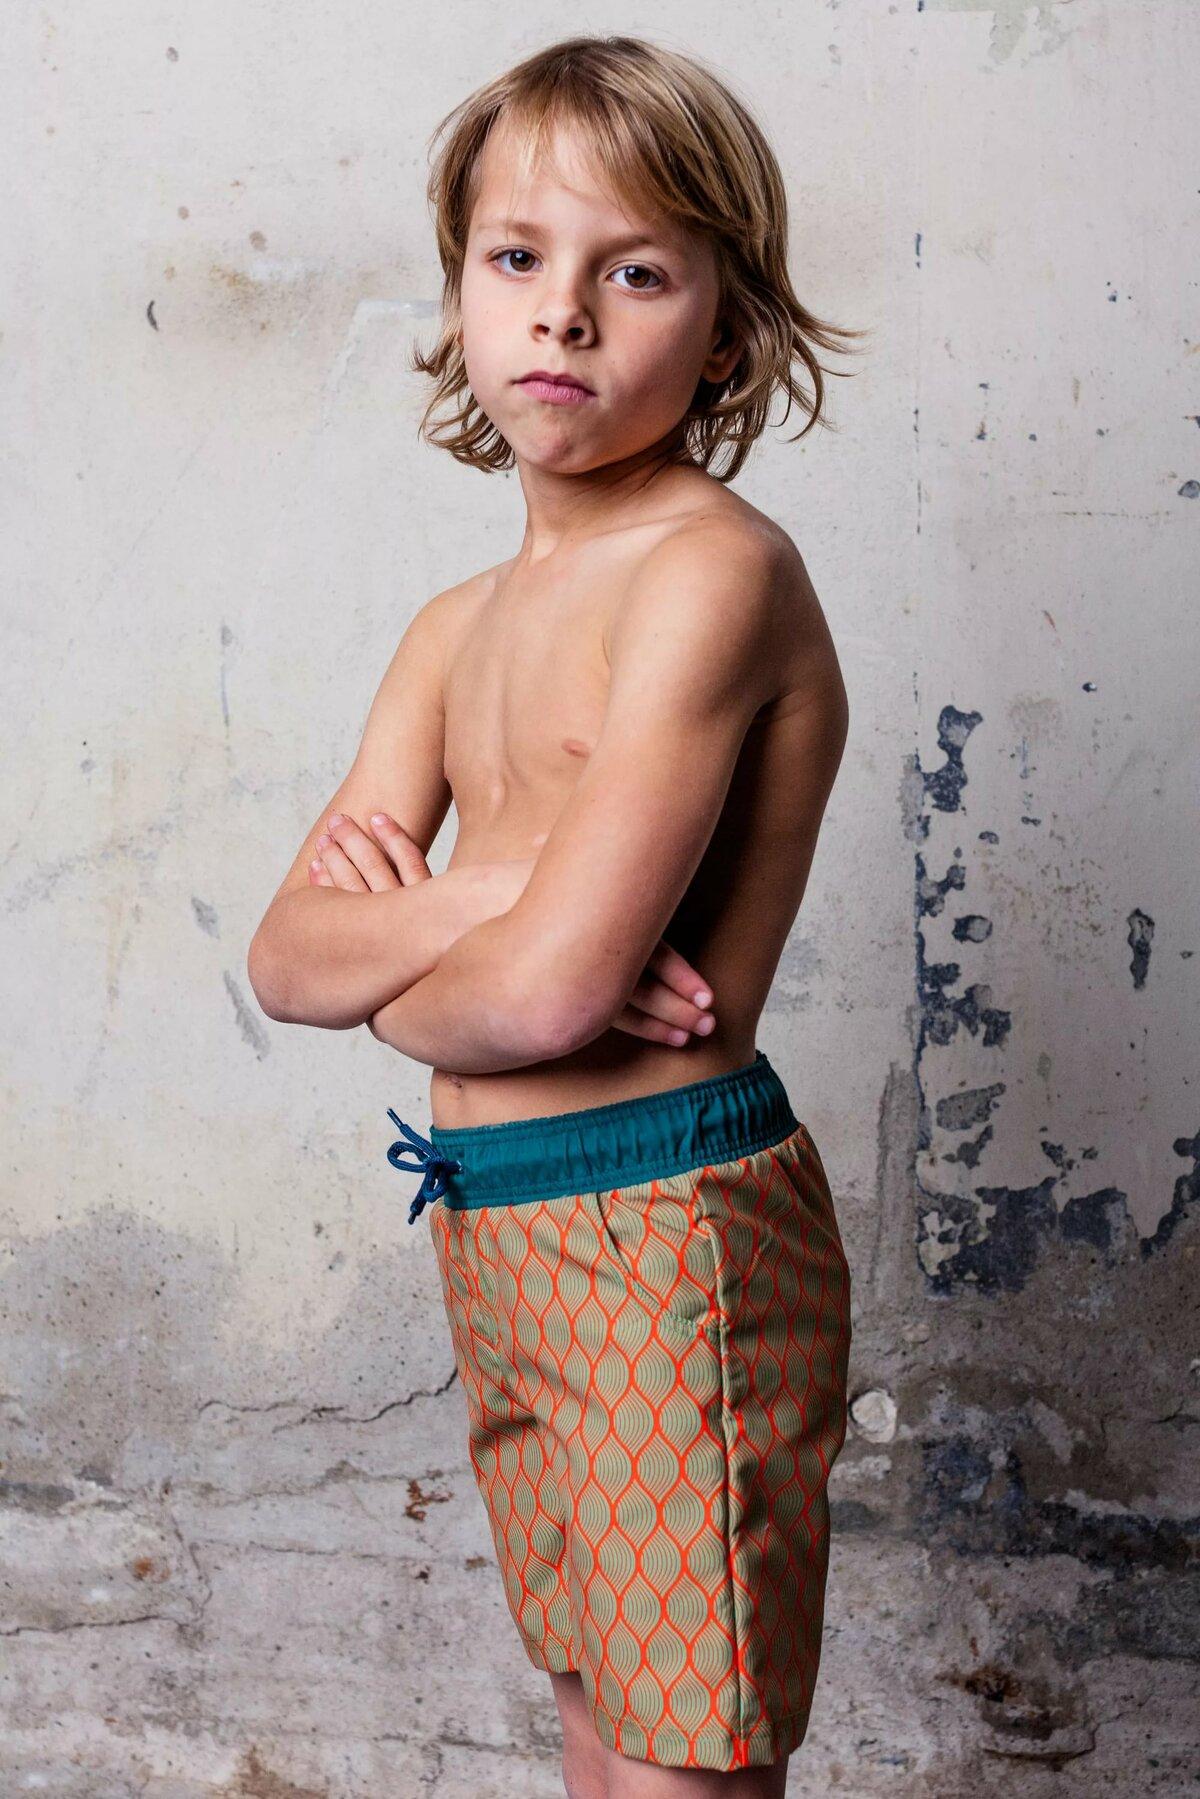 boy-models-free-galleries-movie-trailers-amateur-adult